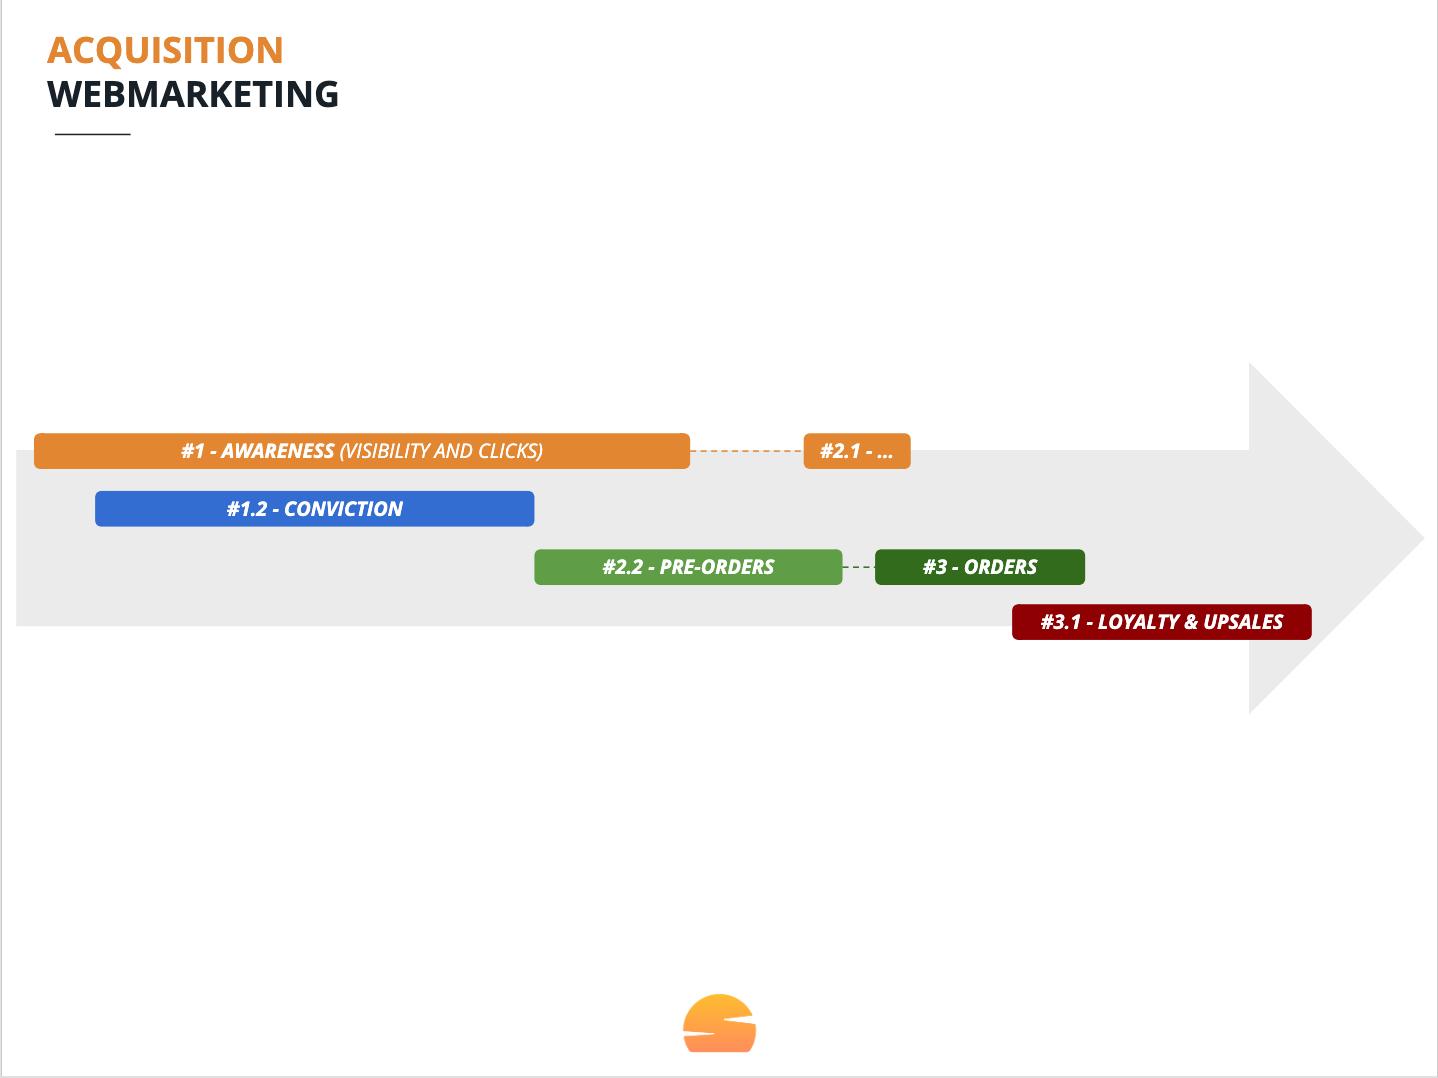 les différentes étapes d'acquisition sur les réseaux sociaux